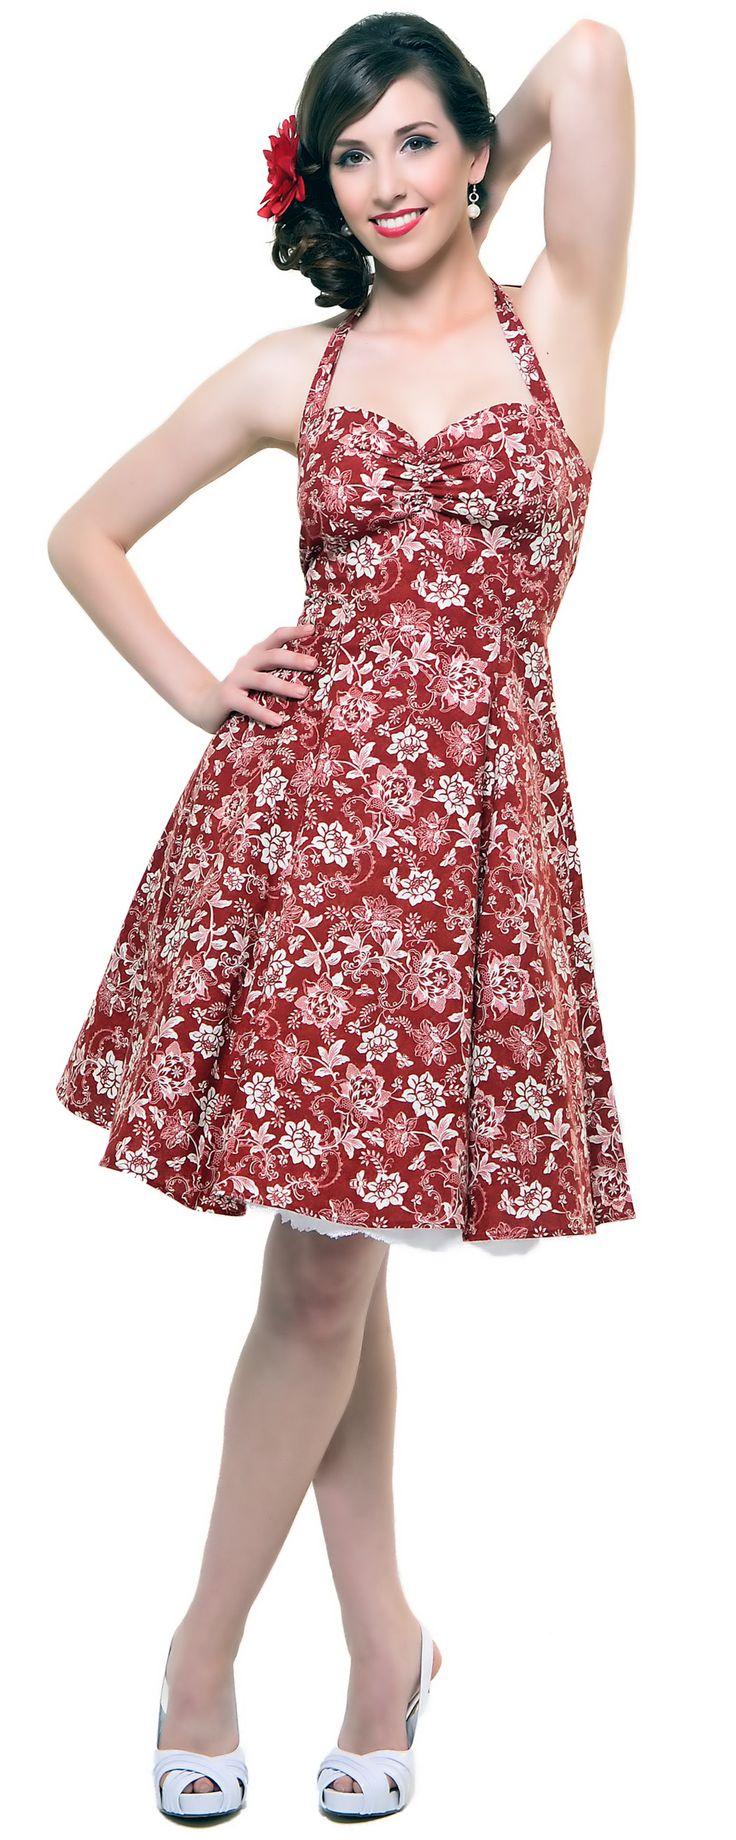 58 best floral dresses images on Pinterest   Floral dresses, Flower ...